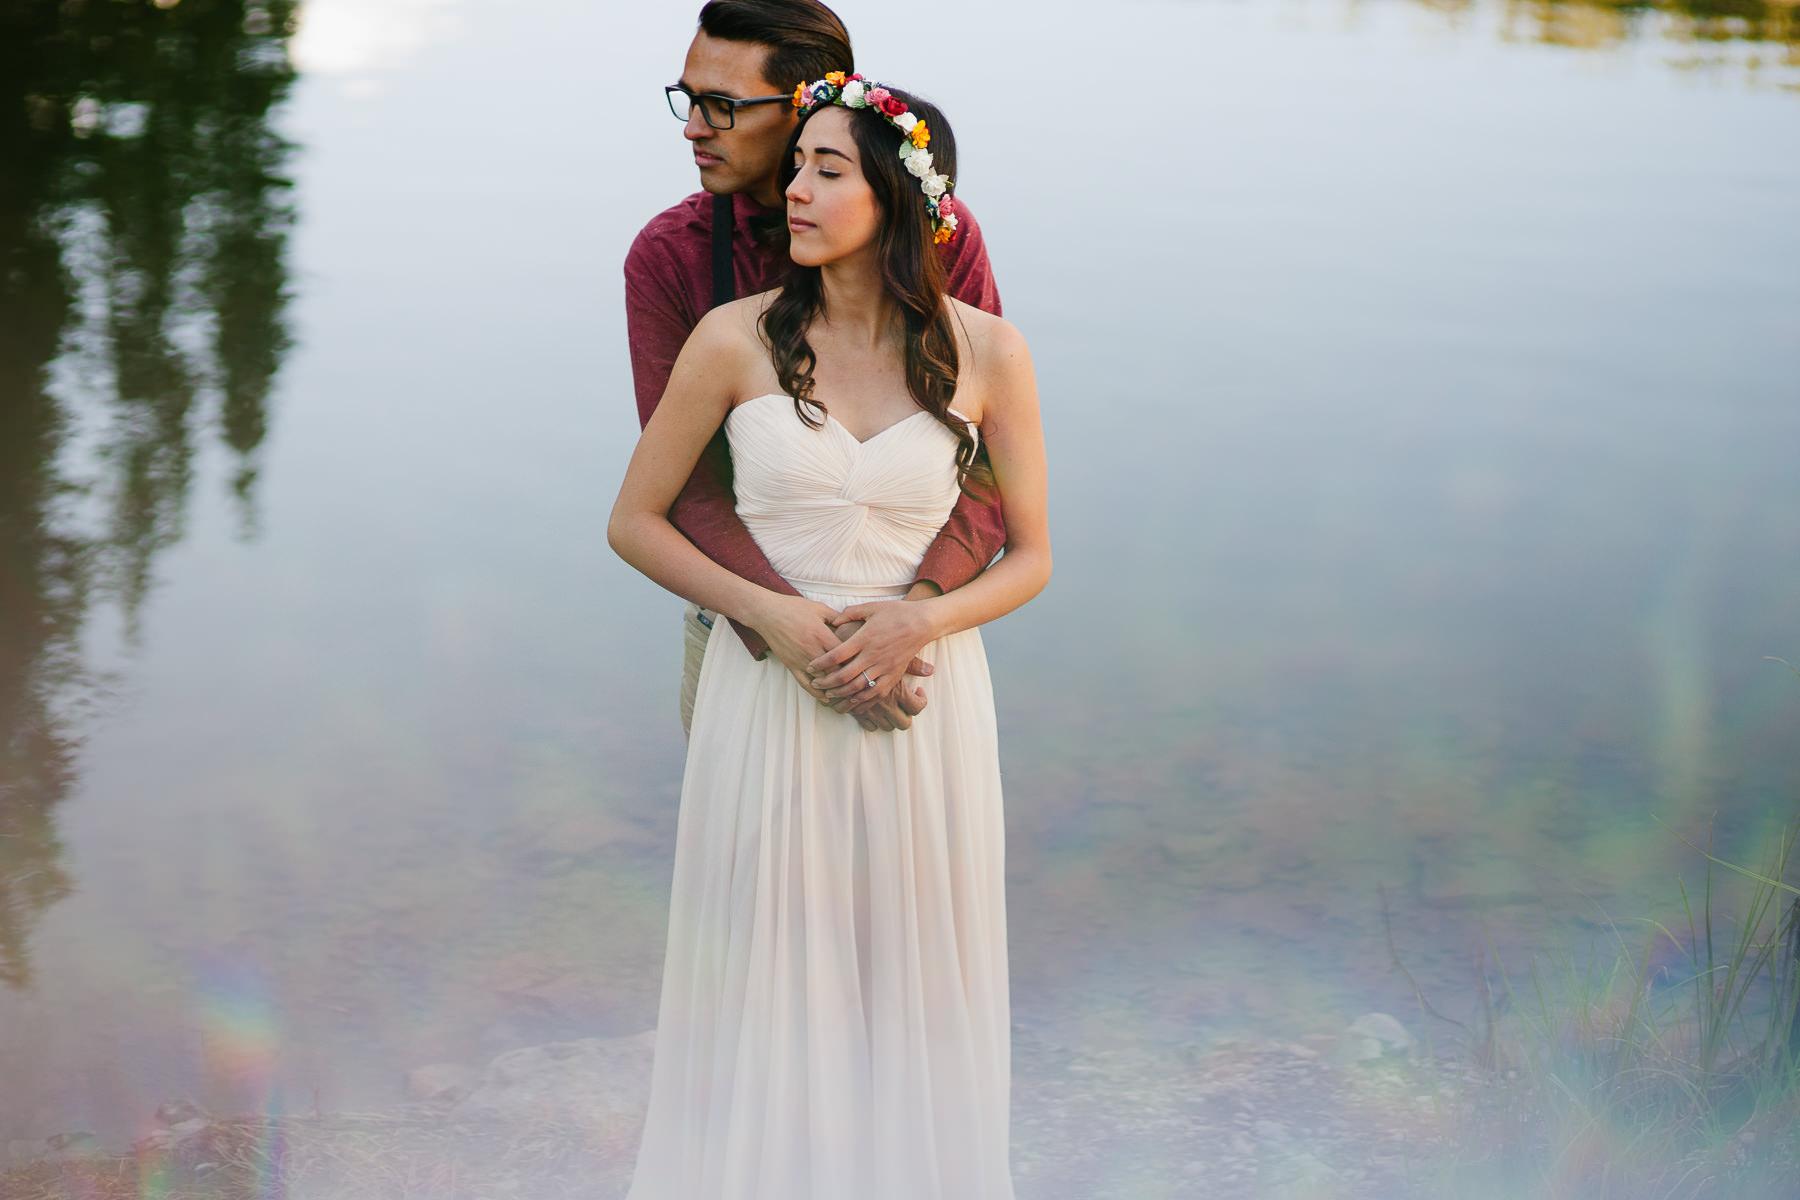 Sergio-Quezada-wedding-photographer-telluride-30